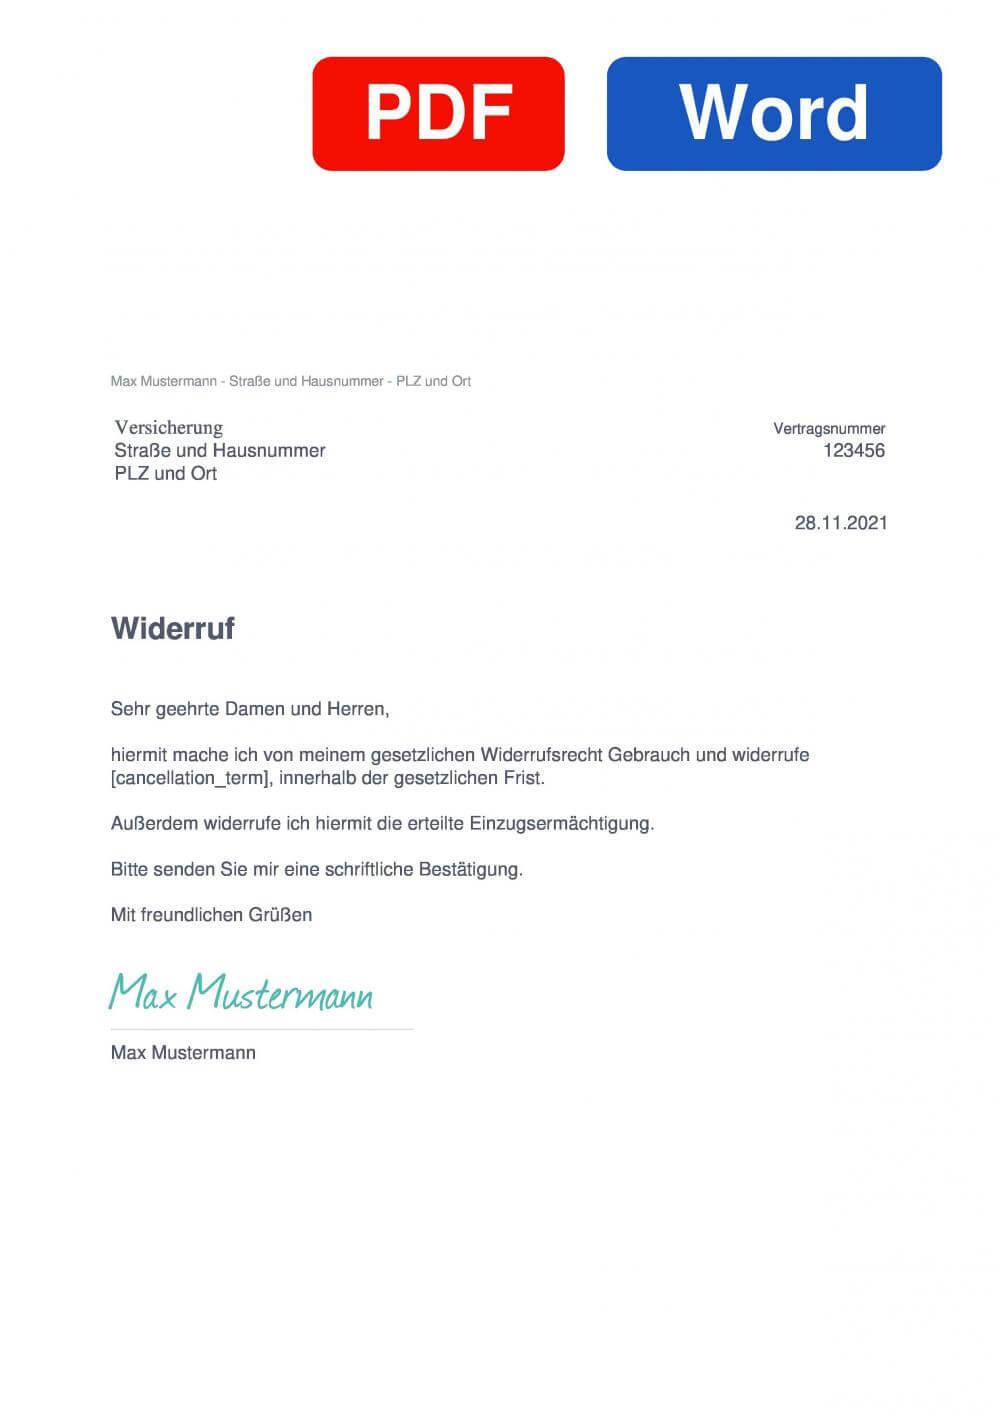 Versicherung Muster Vorlage für Wiederrufsschreiben